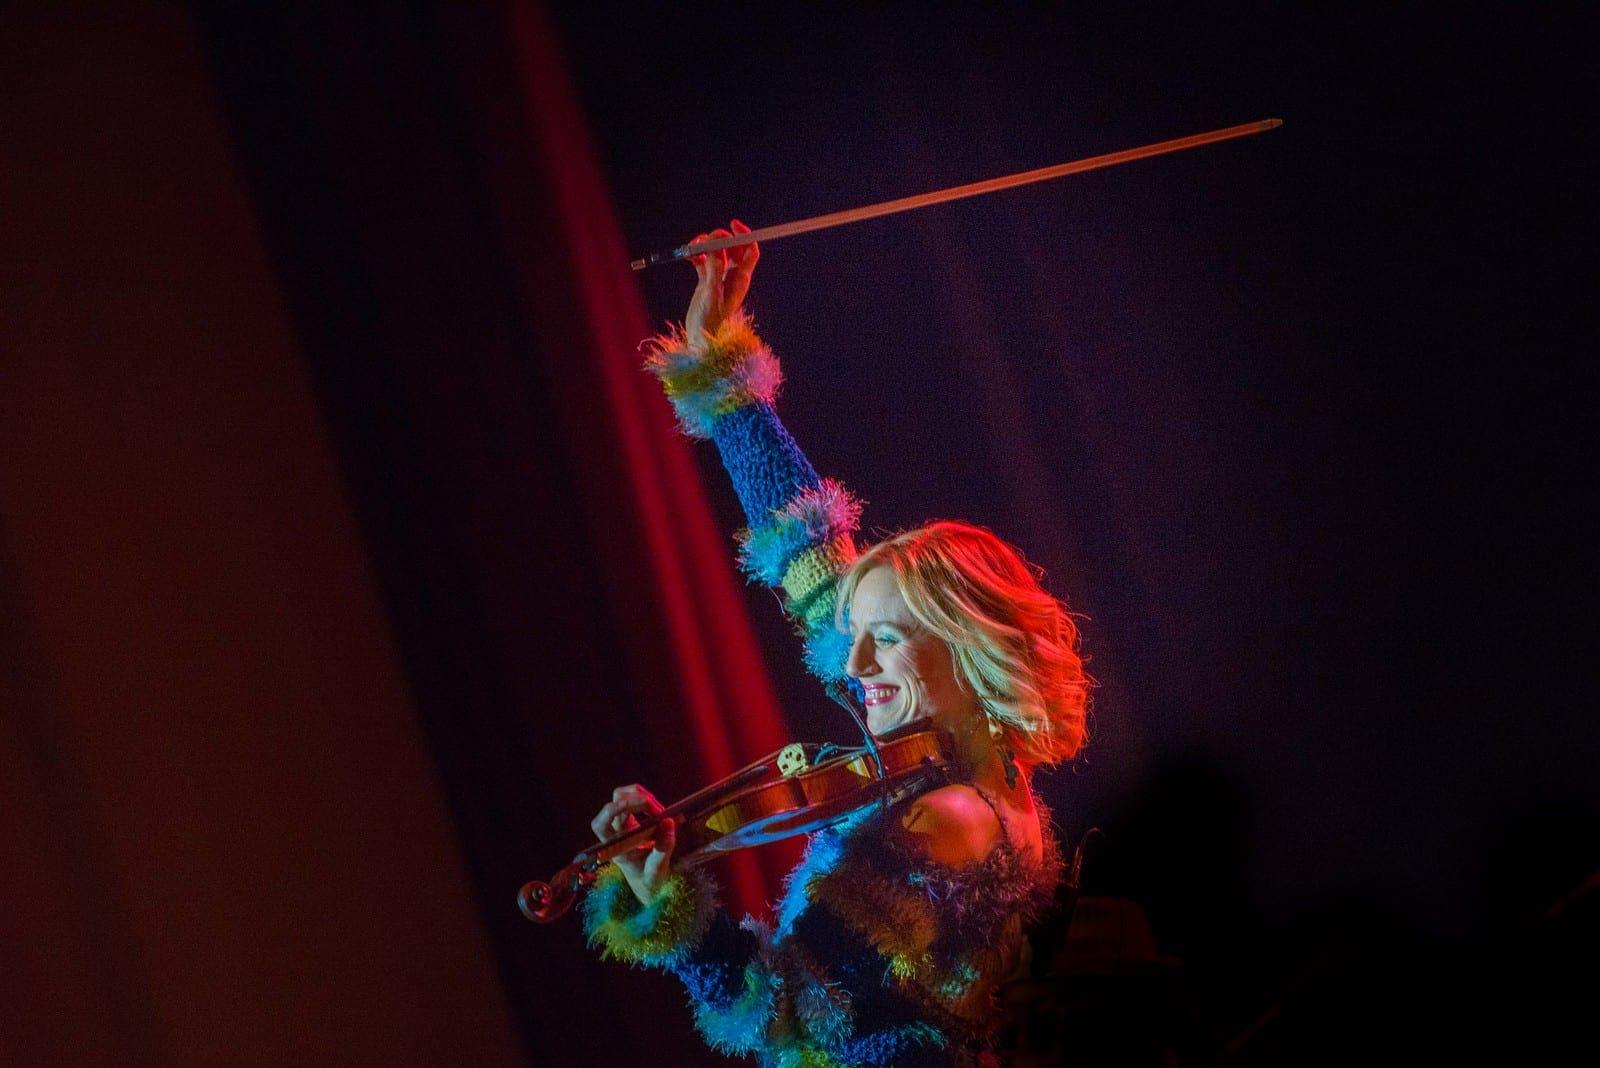 Daisy Jopling Performing at the Paramount